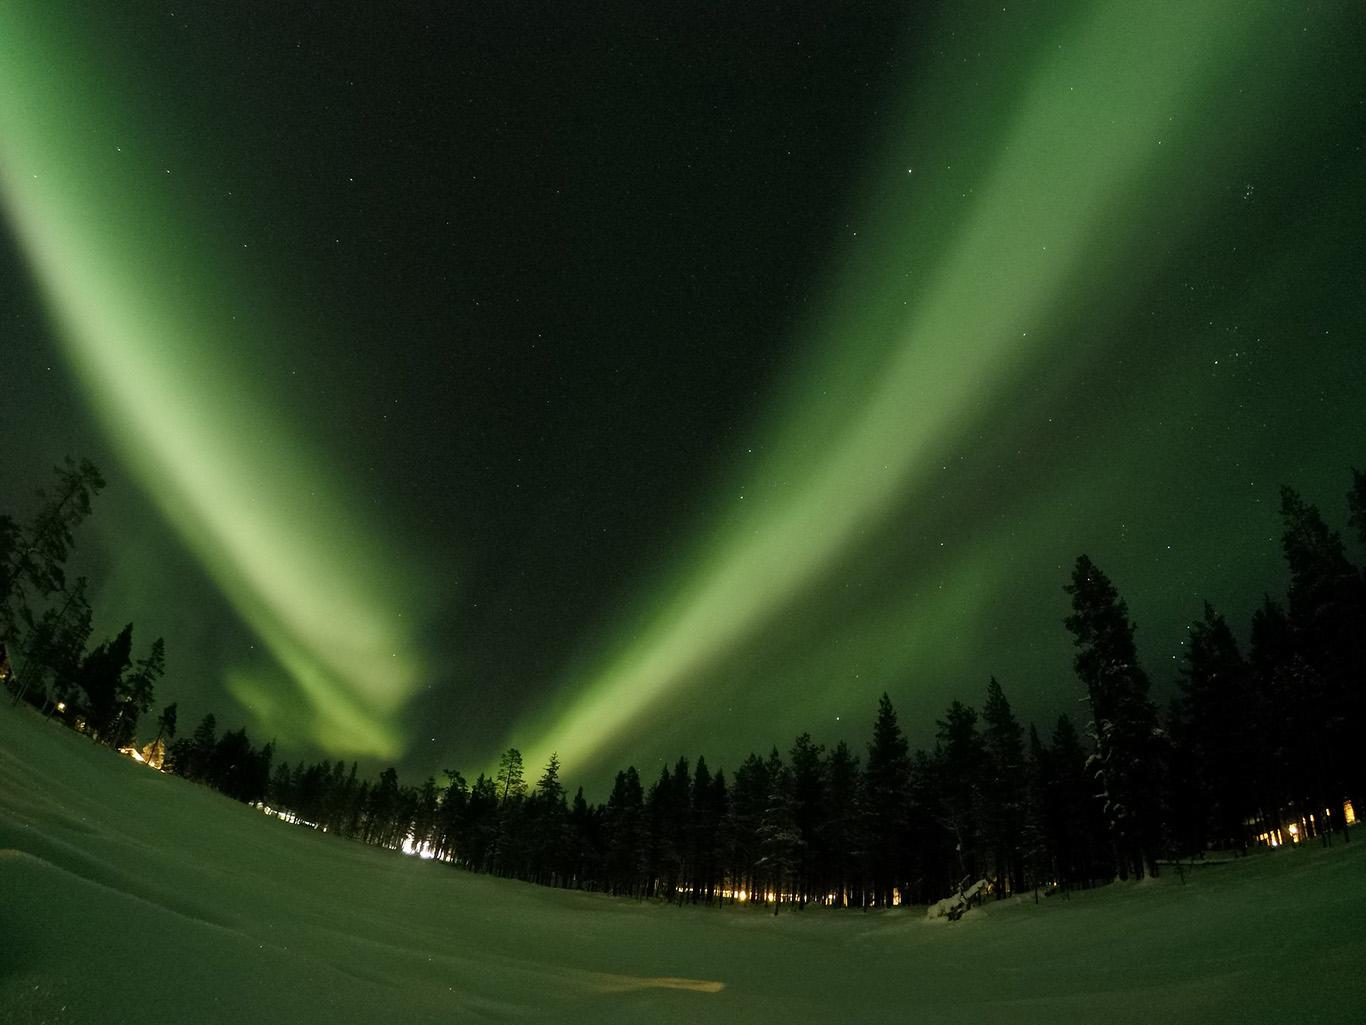 la-iarna-vedem-luminile-nordului-02